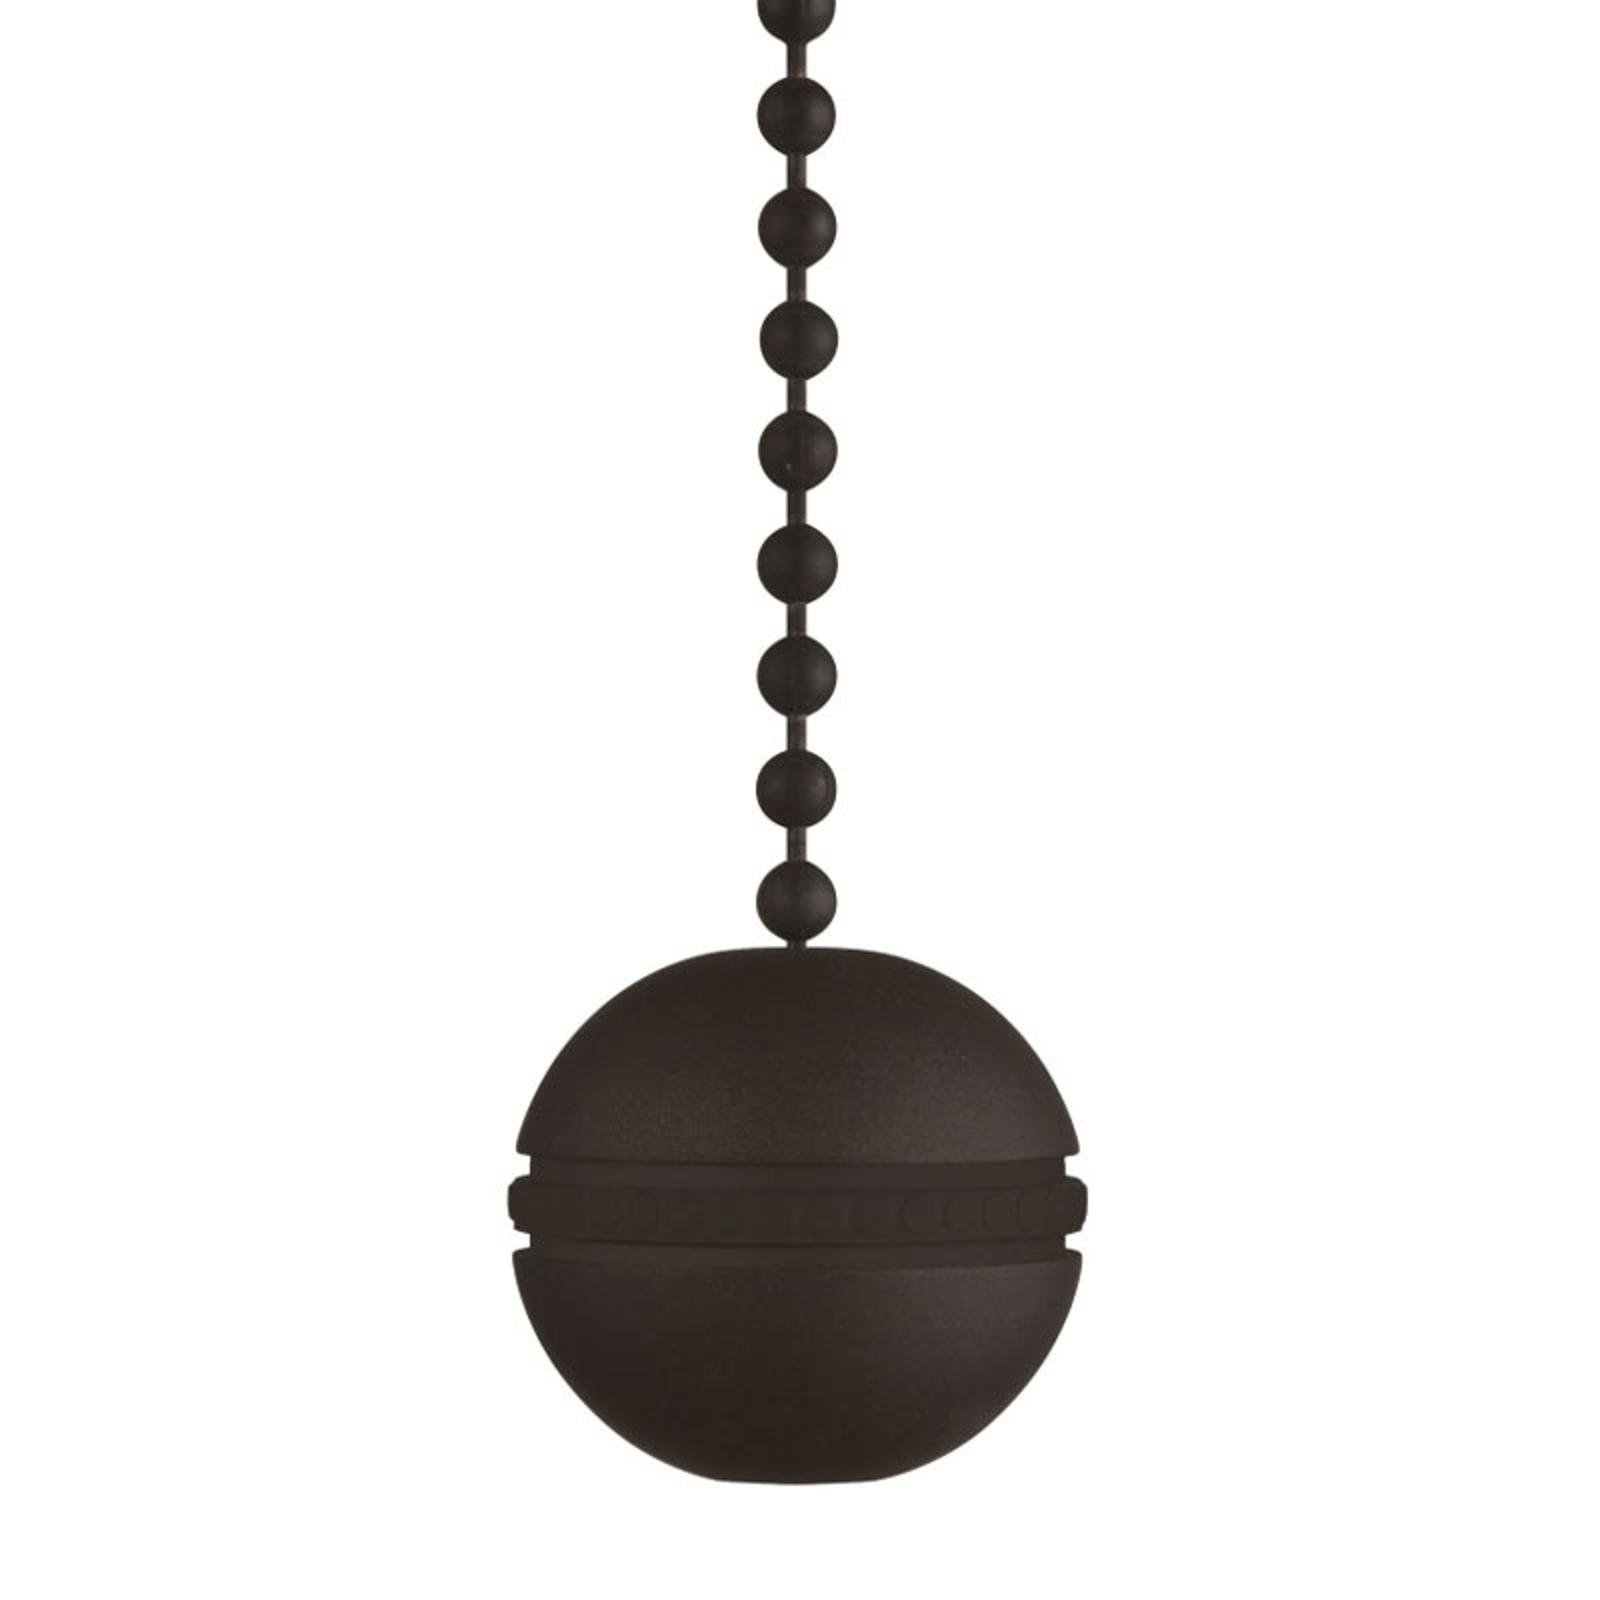 Westinghouse kugle trækkæde ventilator bronze